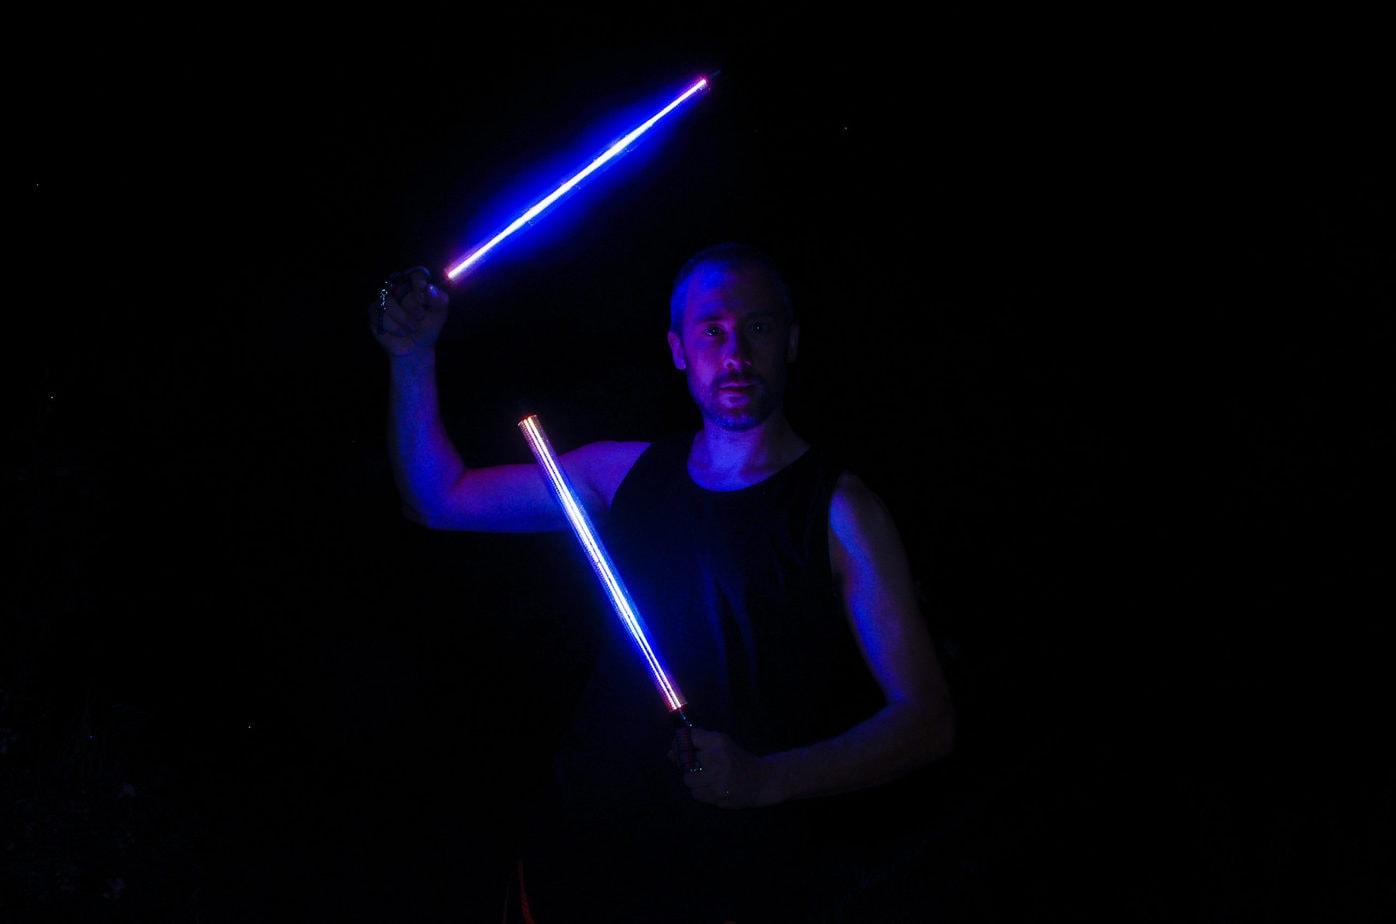 Blaue Lichtschwerter